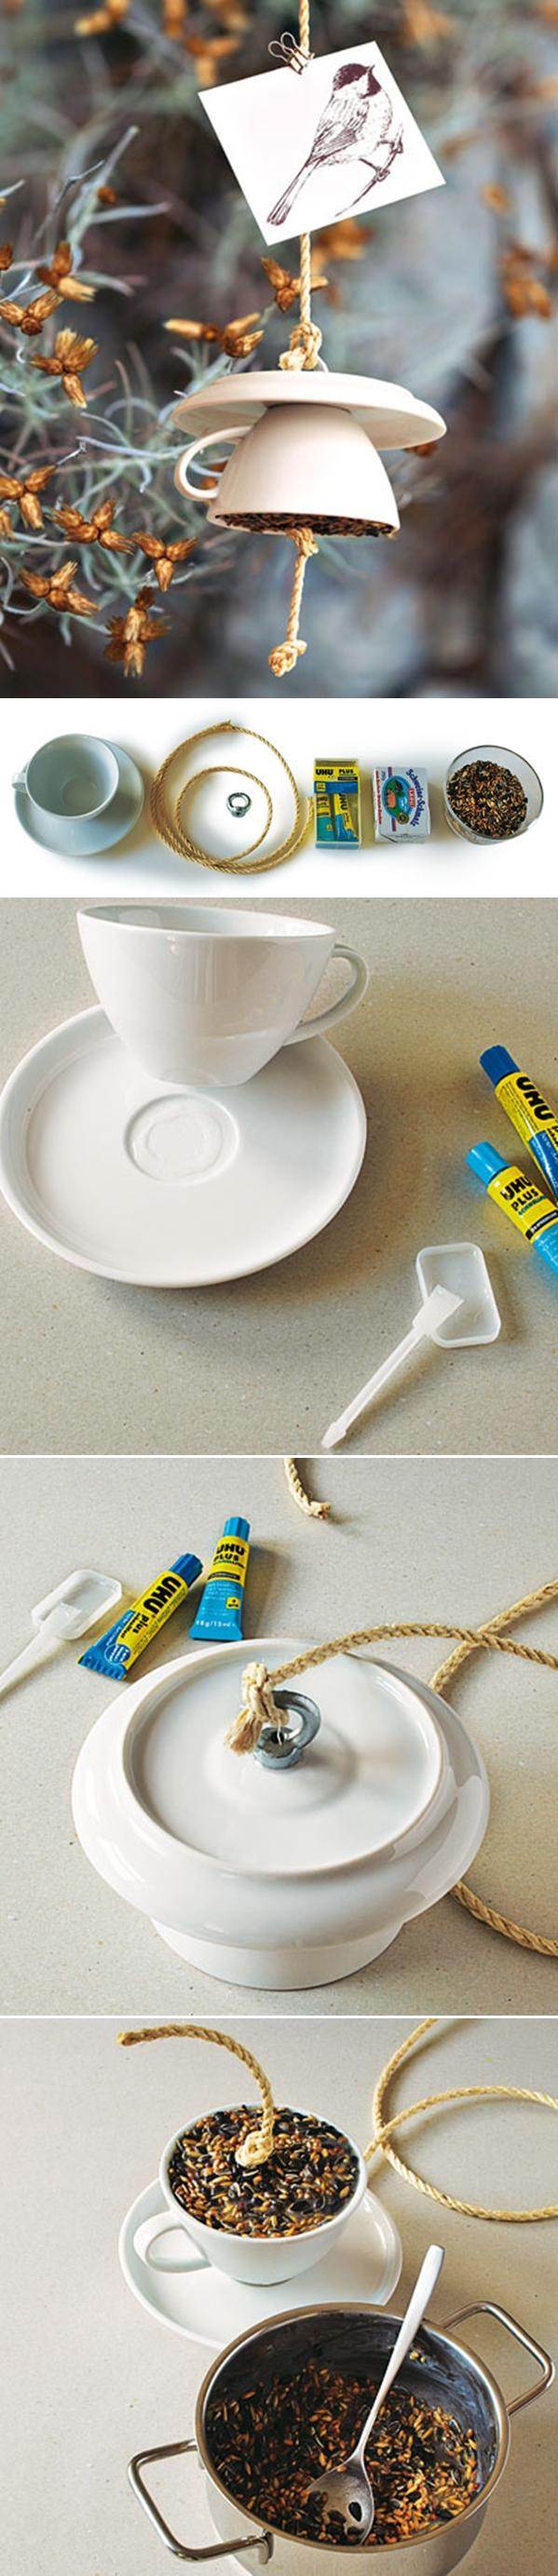 tea cup bird feeder diy home decor ideas step by step